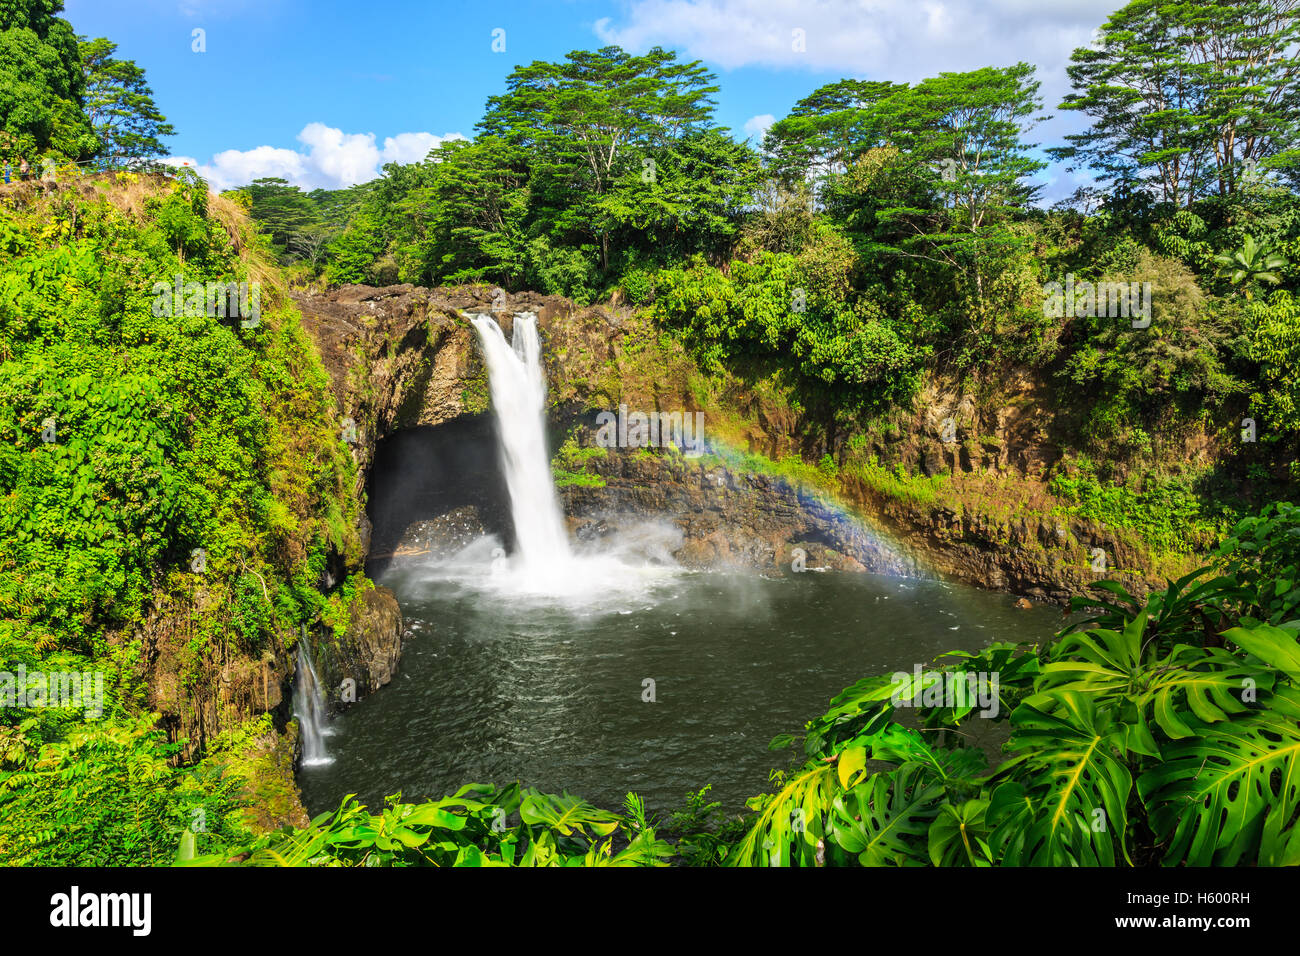 Hawaii, Rainbow Falls in Hilo. - Stock Image